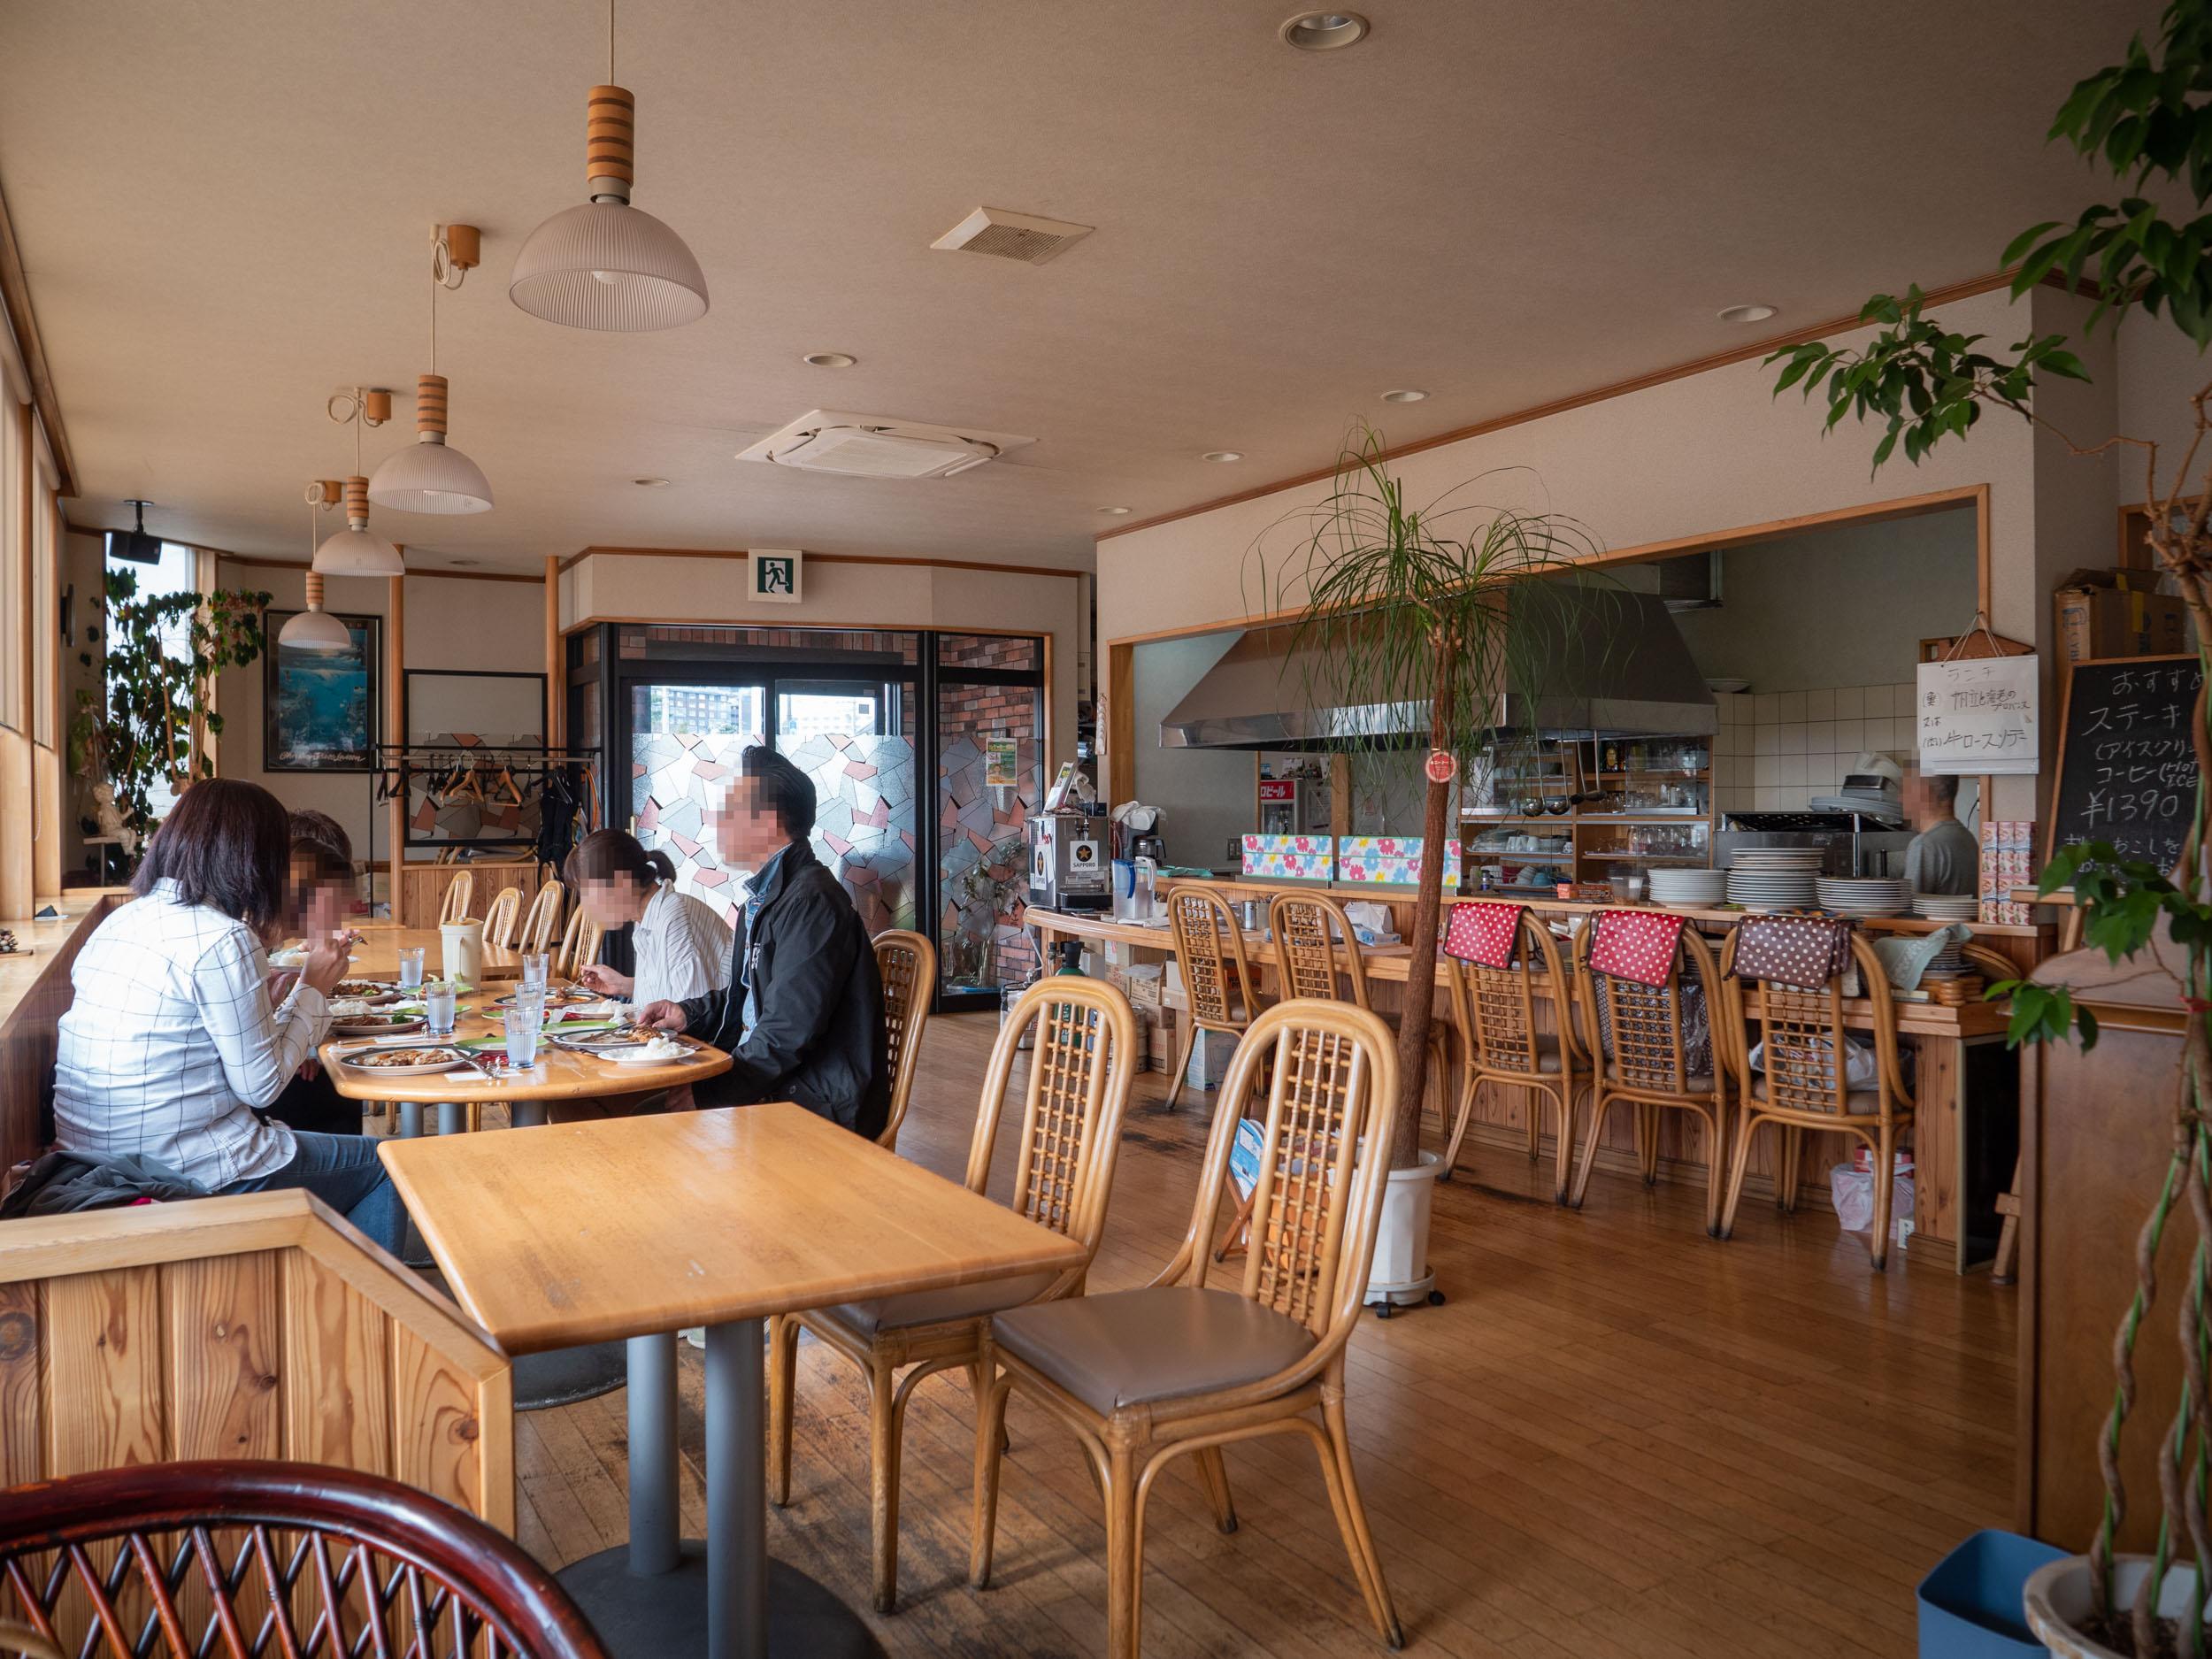 函館市湯の川の洋食店「エル・アペティ」の店内 DMC-GX8 + LEICA DG 12-60mm